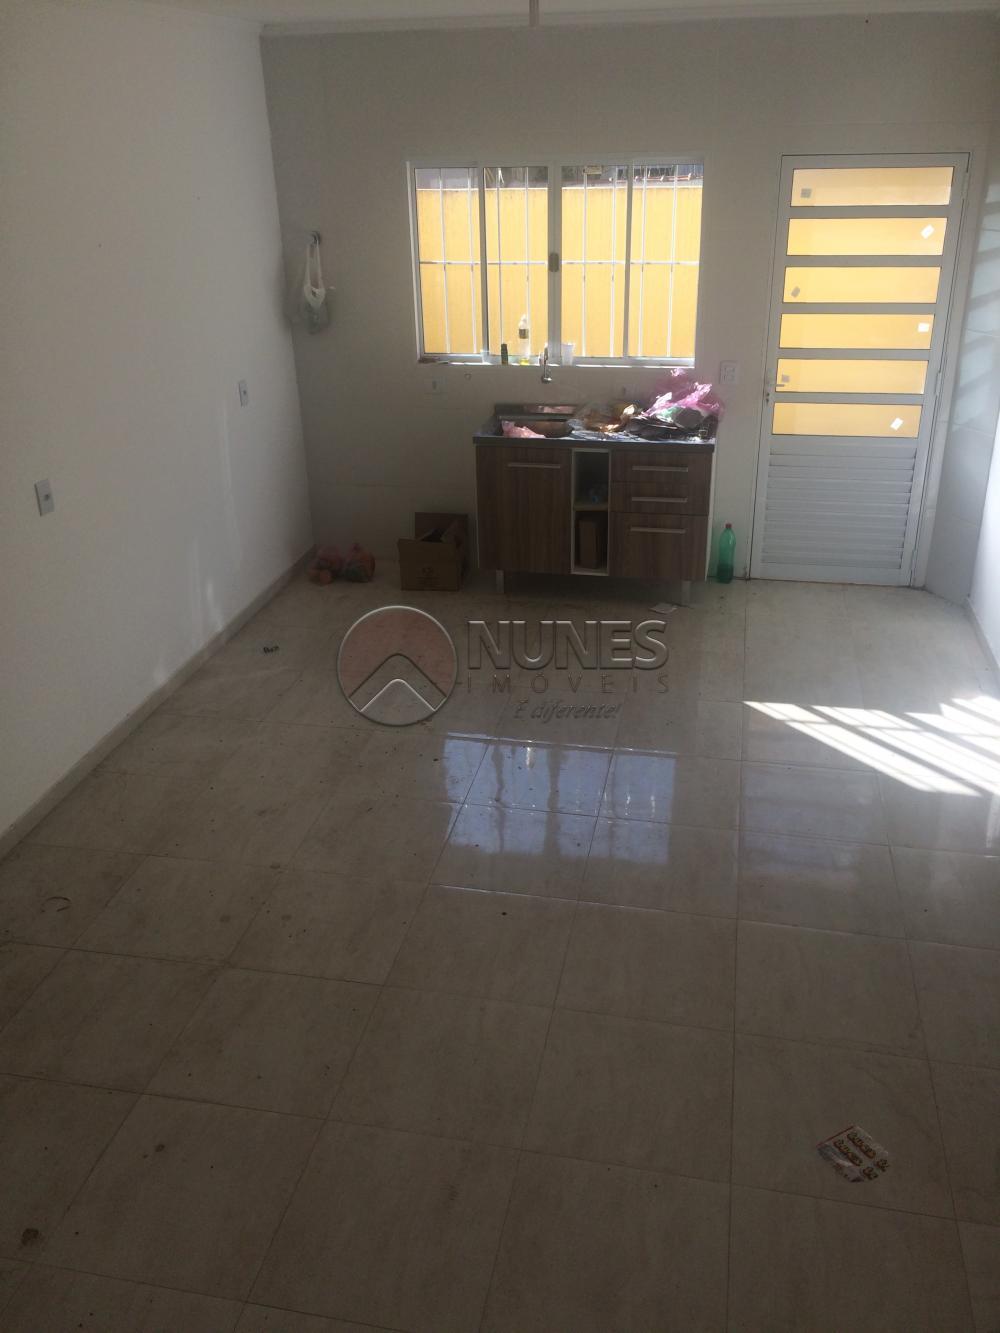 Comprar Casa / Sobrado em Osasco apenas R$ 250.000,00 - Foto 3